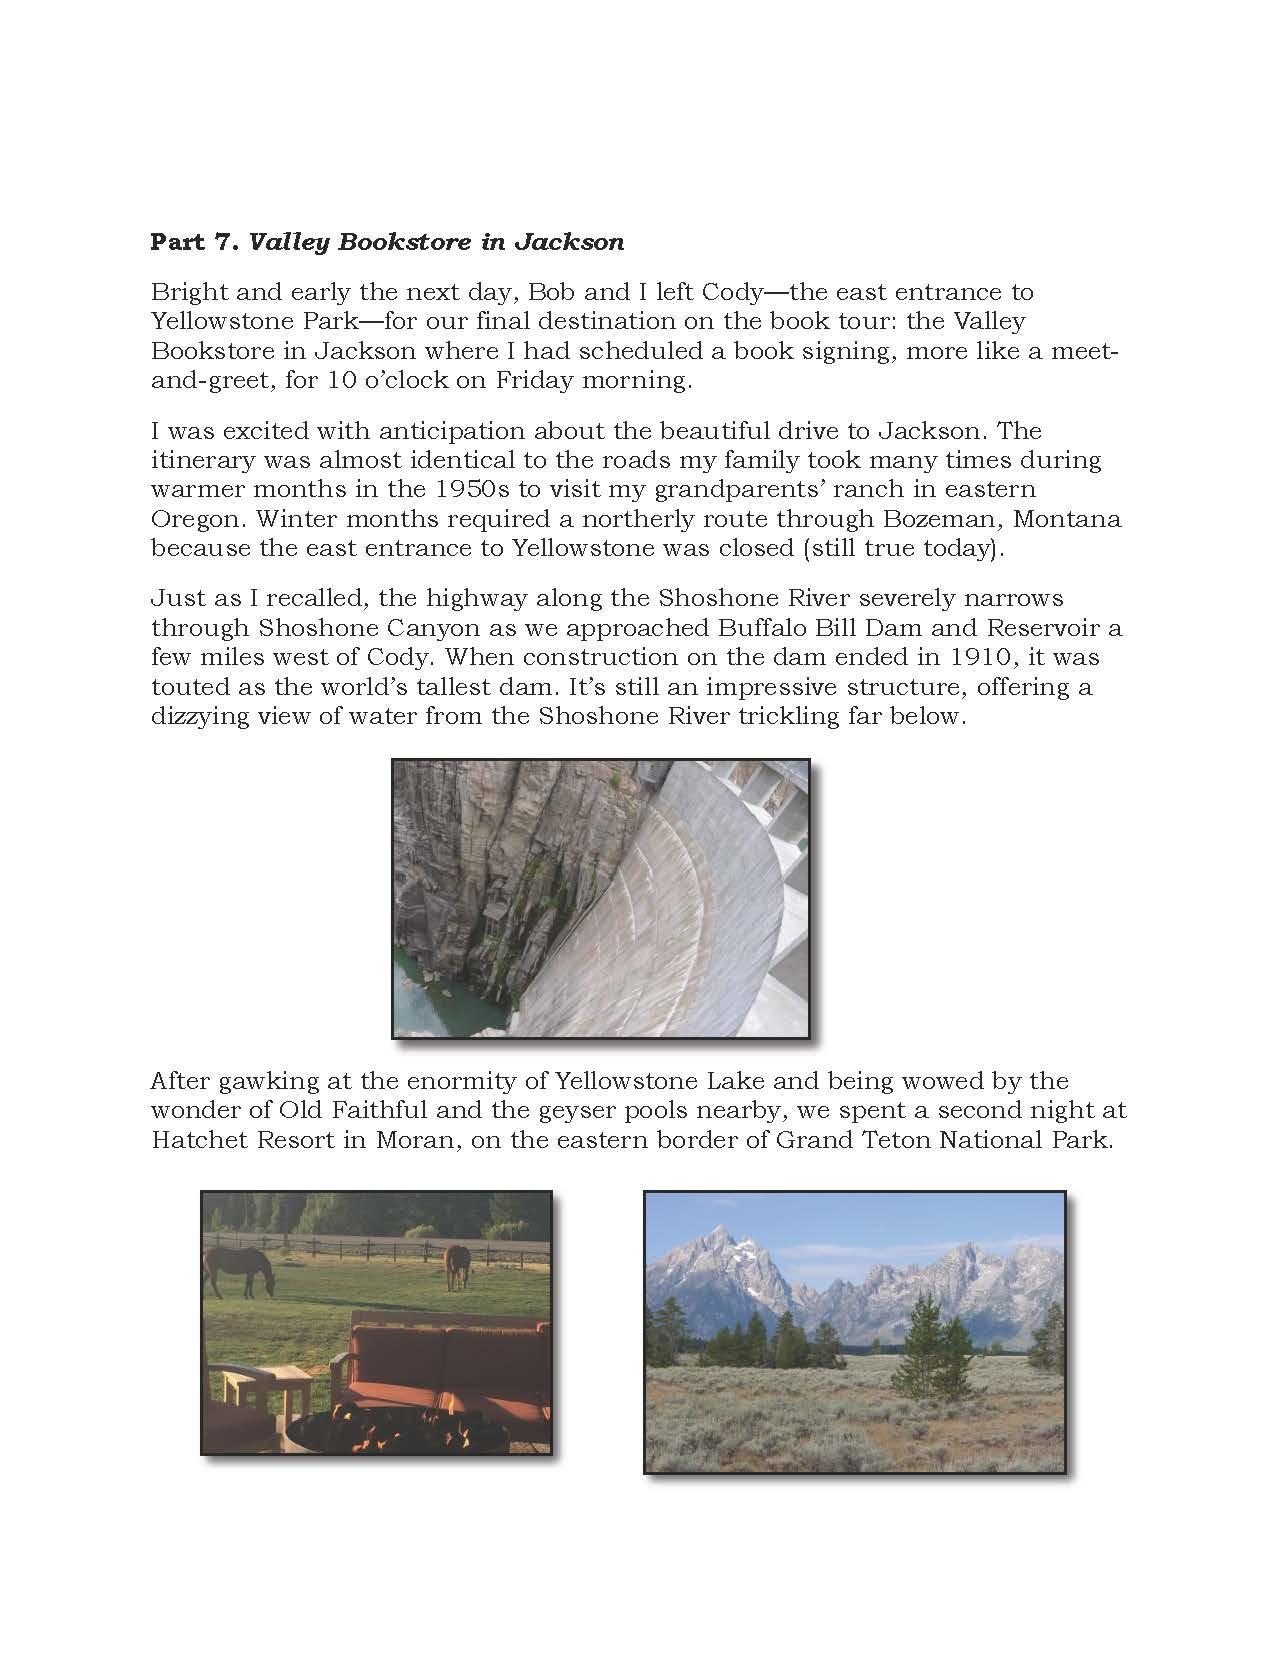 wyoming-book-tour-master-rev-10-23-16-1_page_17